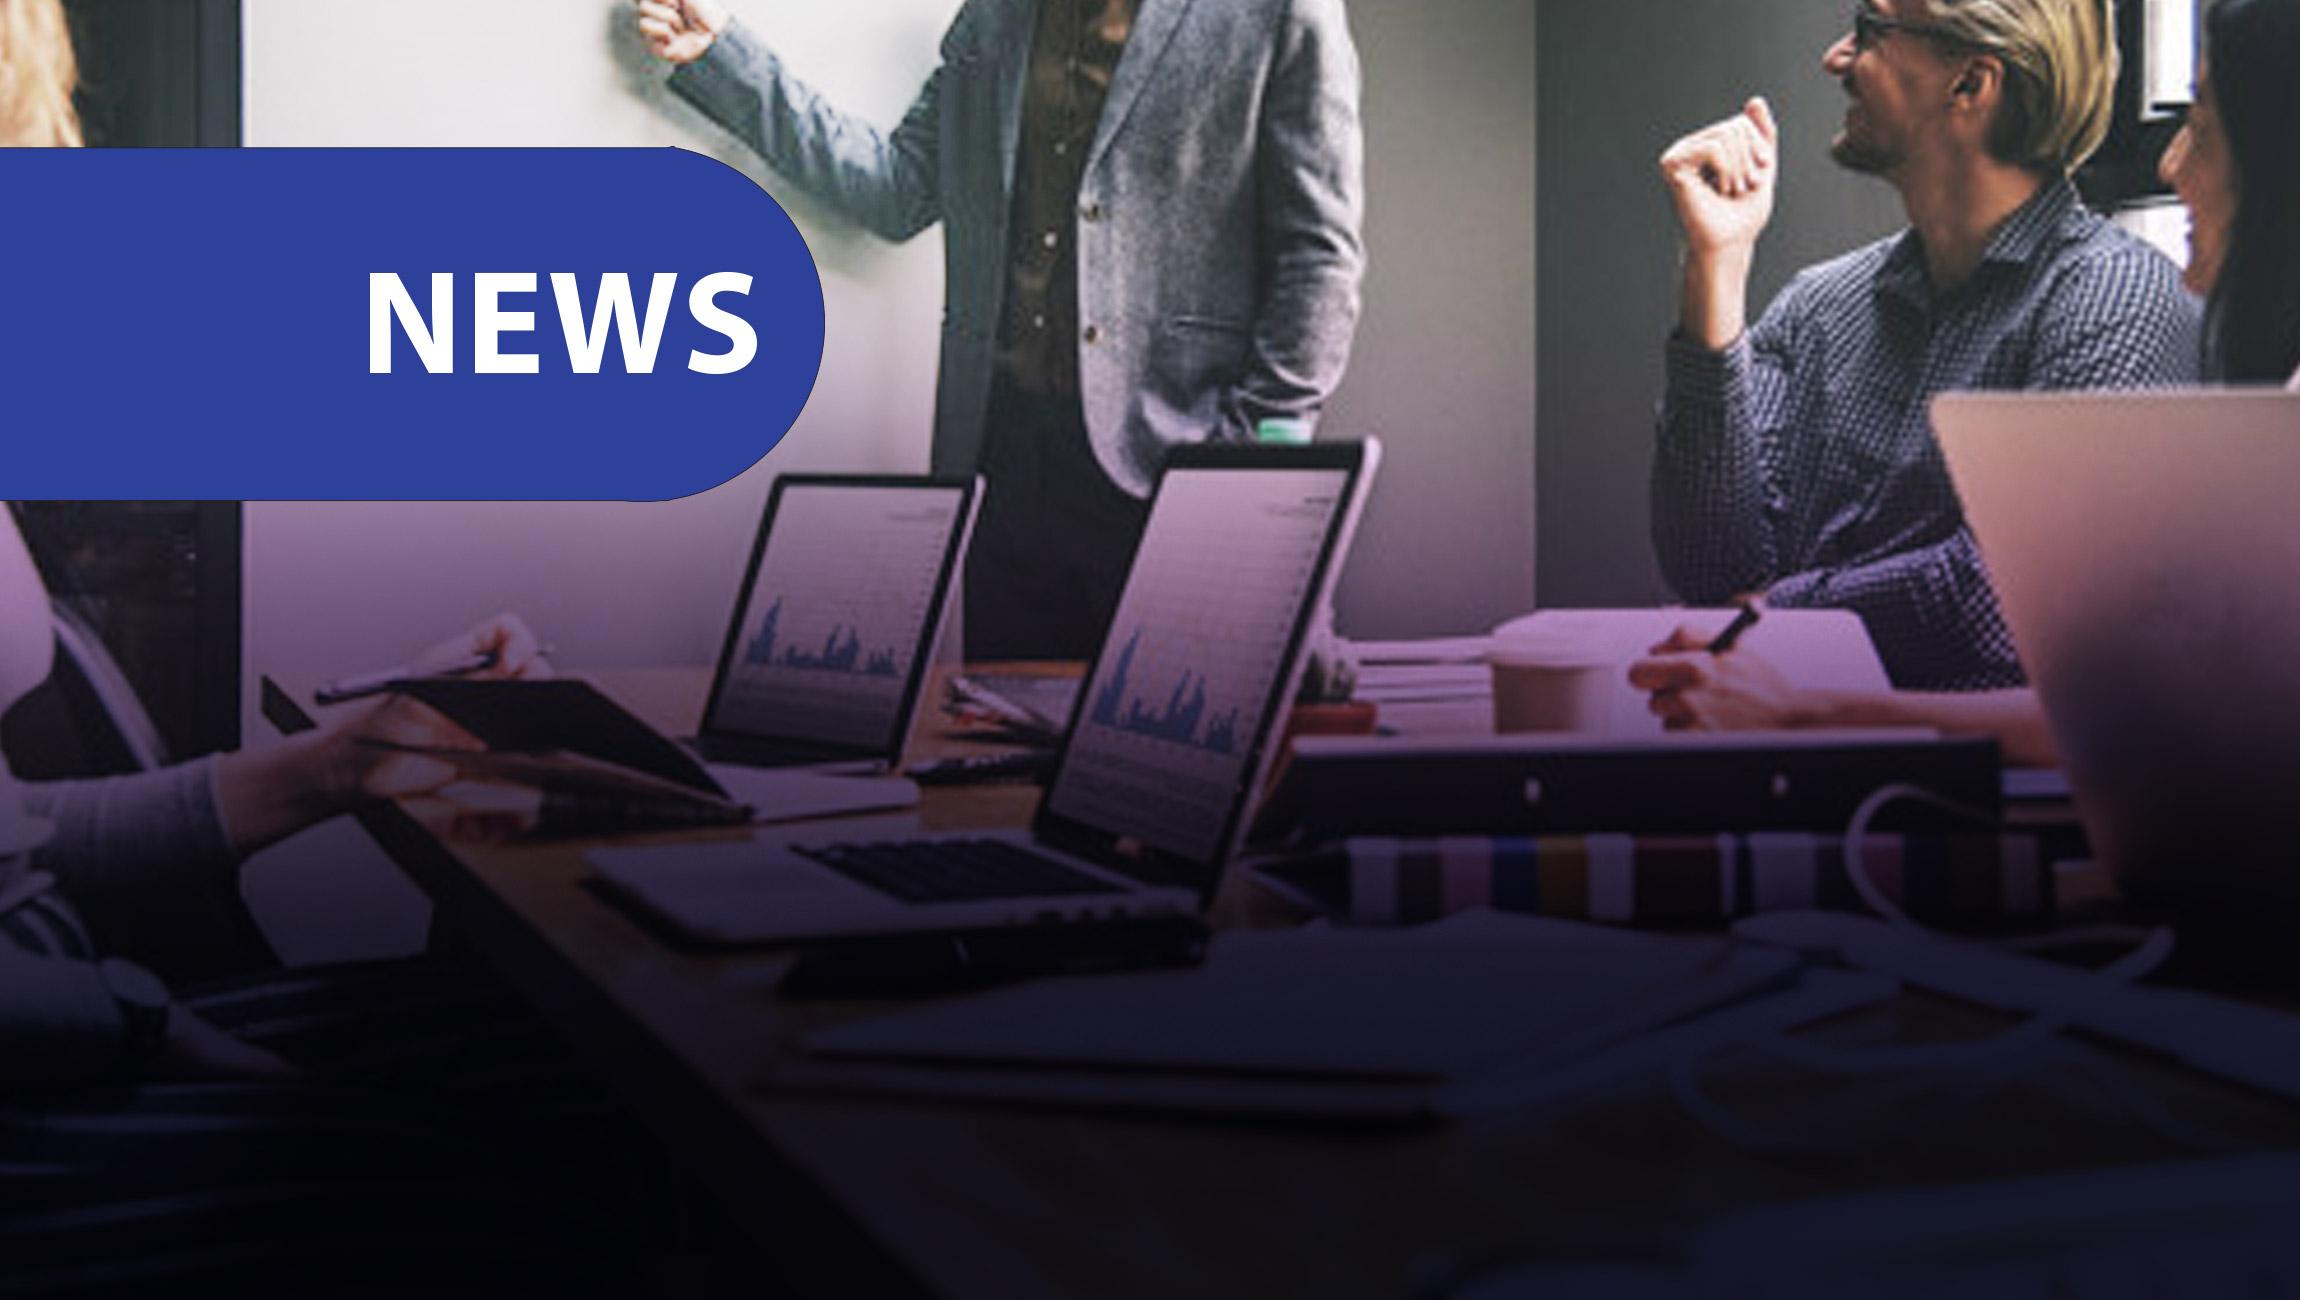 Yugabyte Named A 2020 Gartner Cool Vendor In Data Management